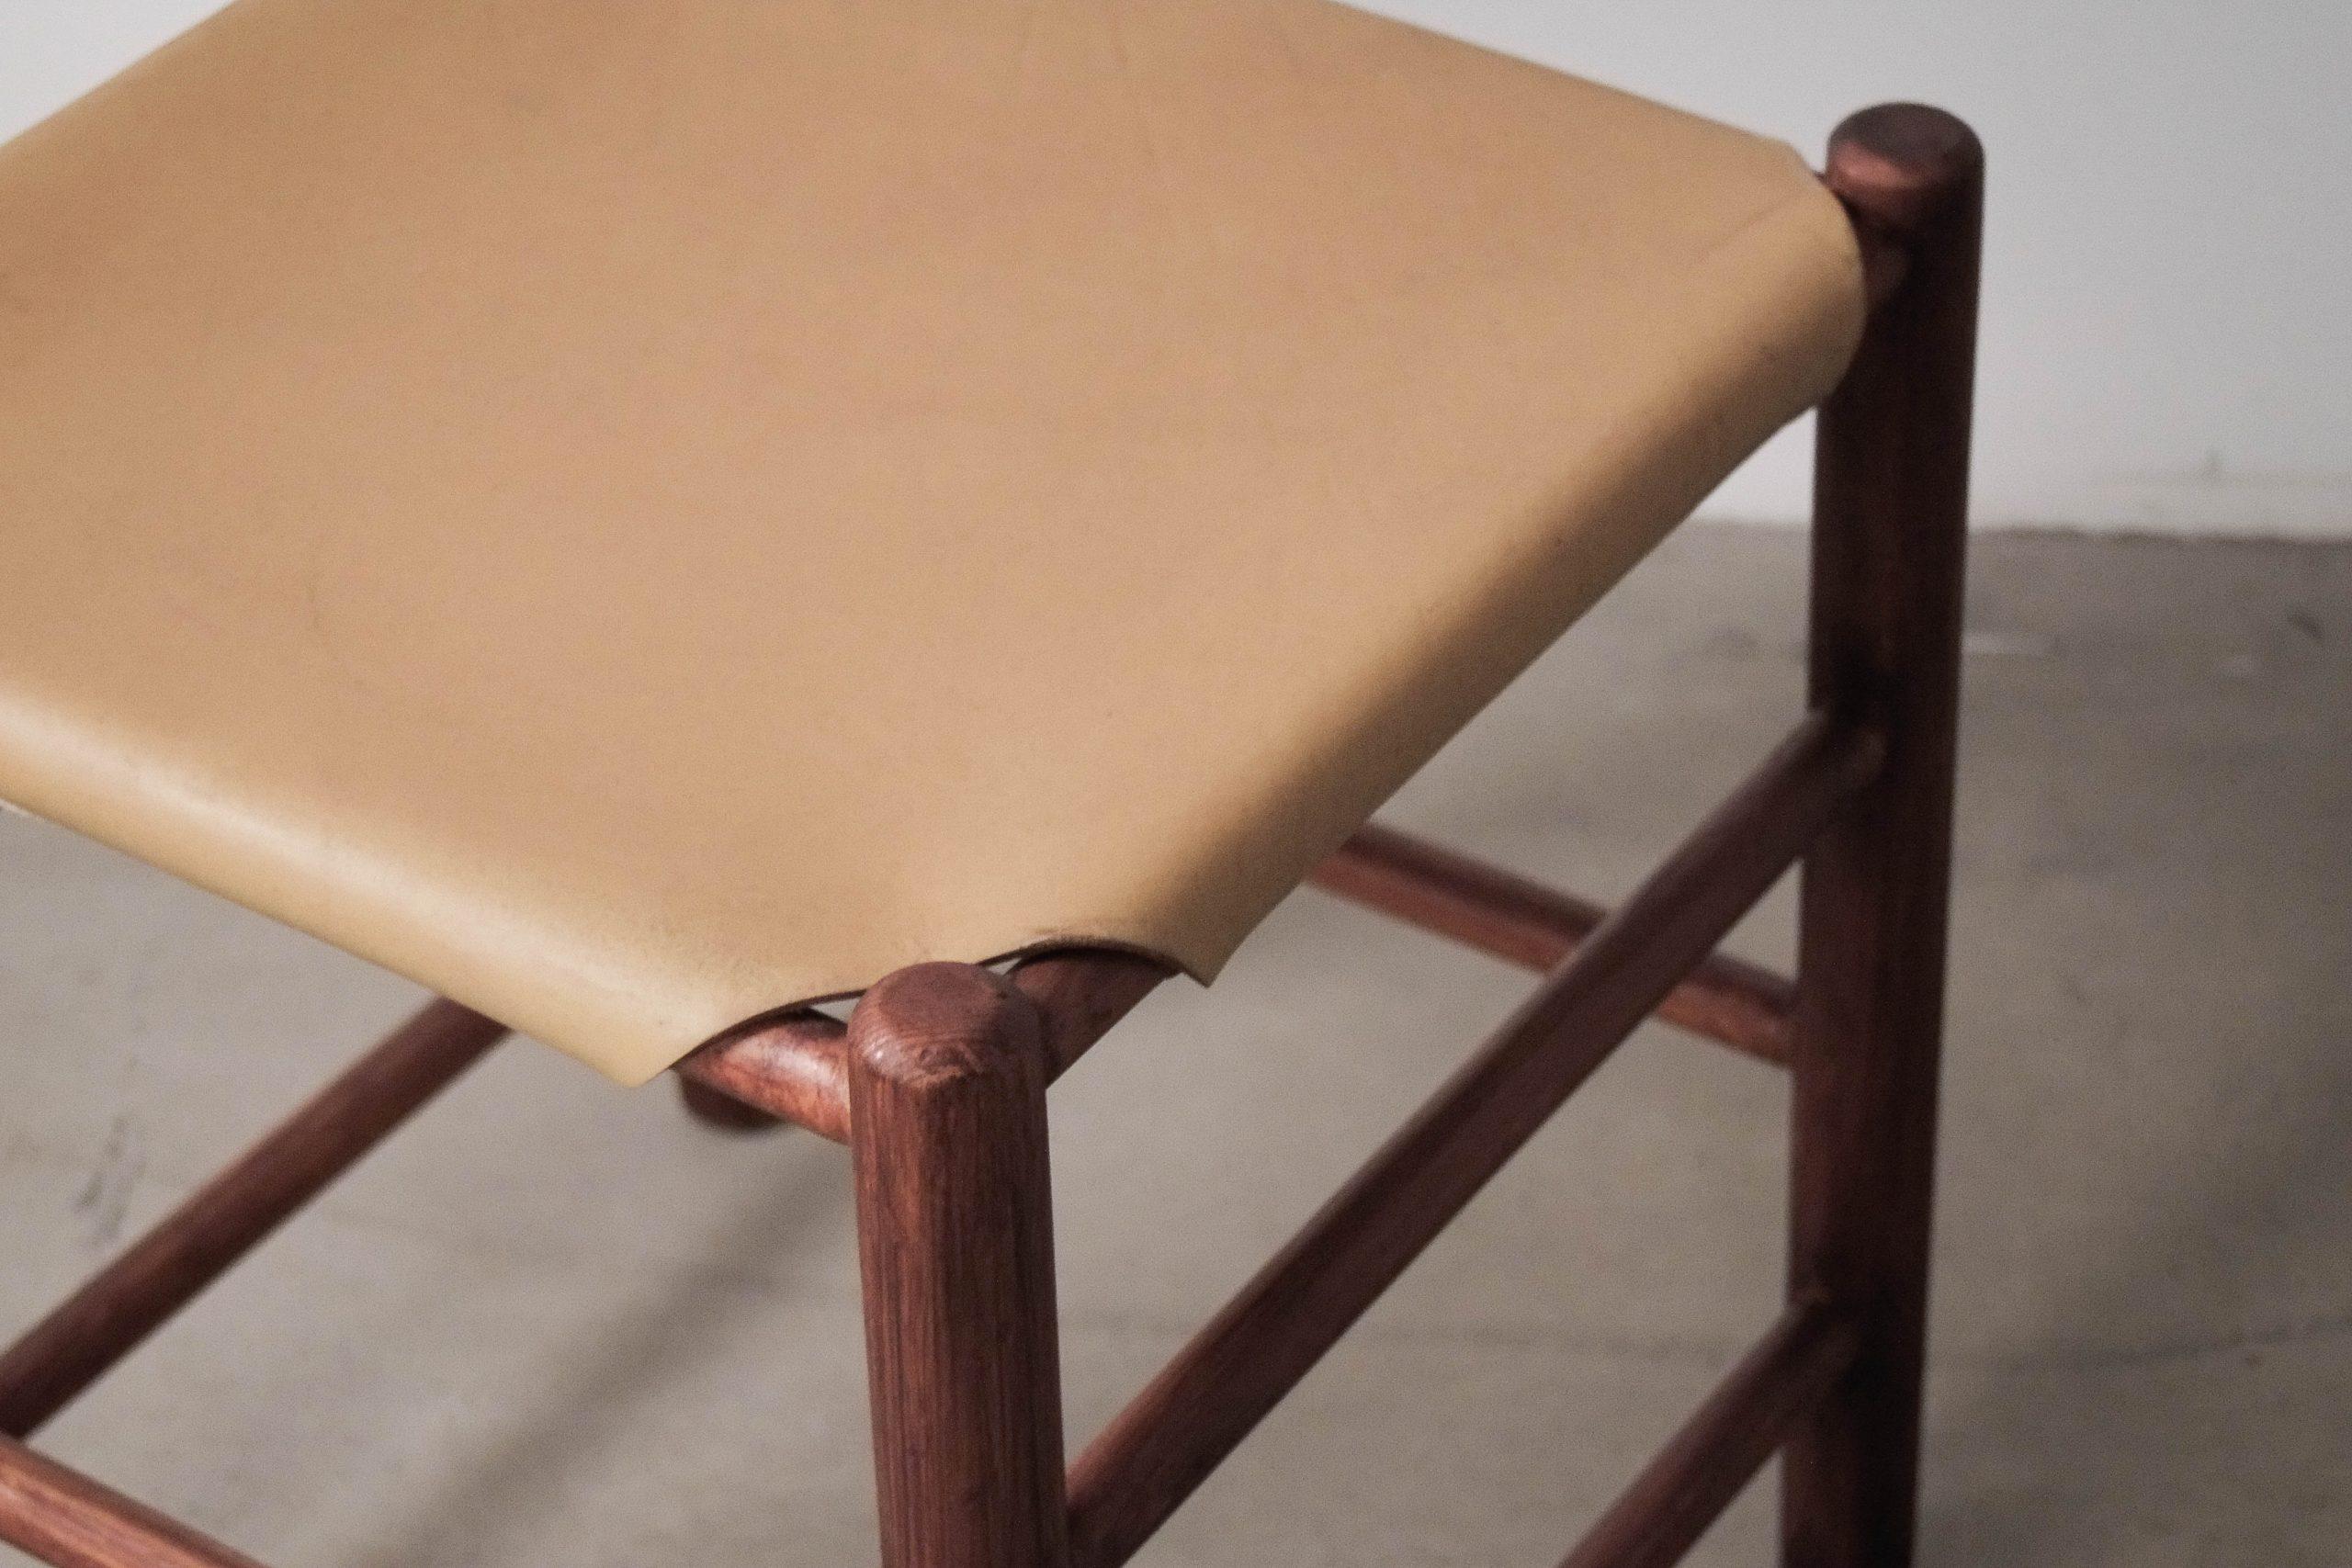 artesania taburete comodo de piel madera diseño años 60 mid century calidad retro vintage